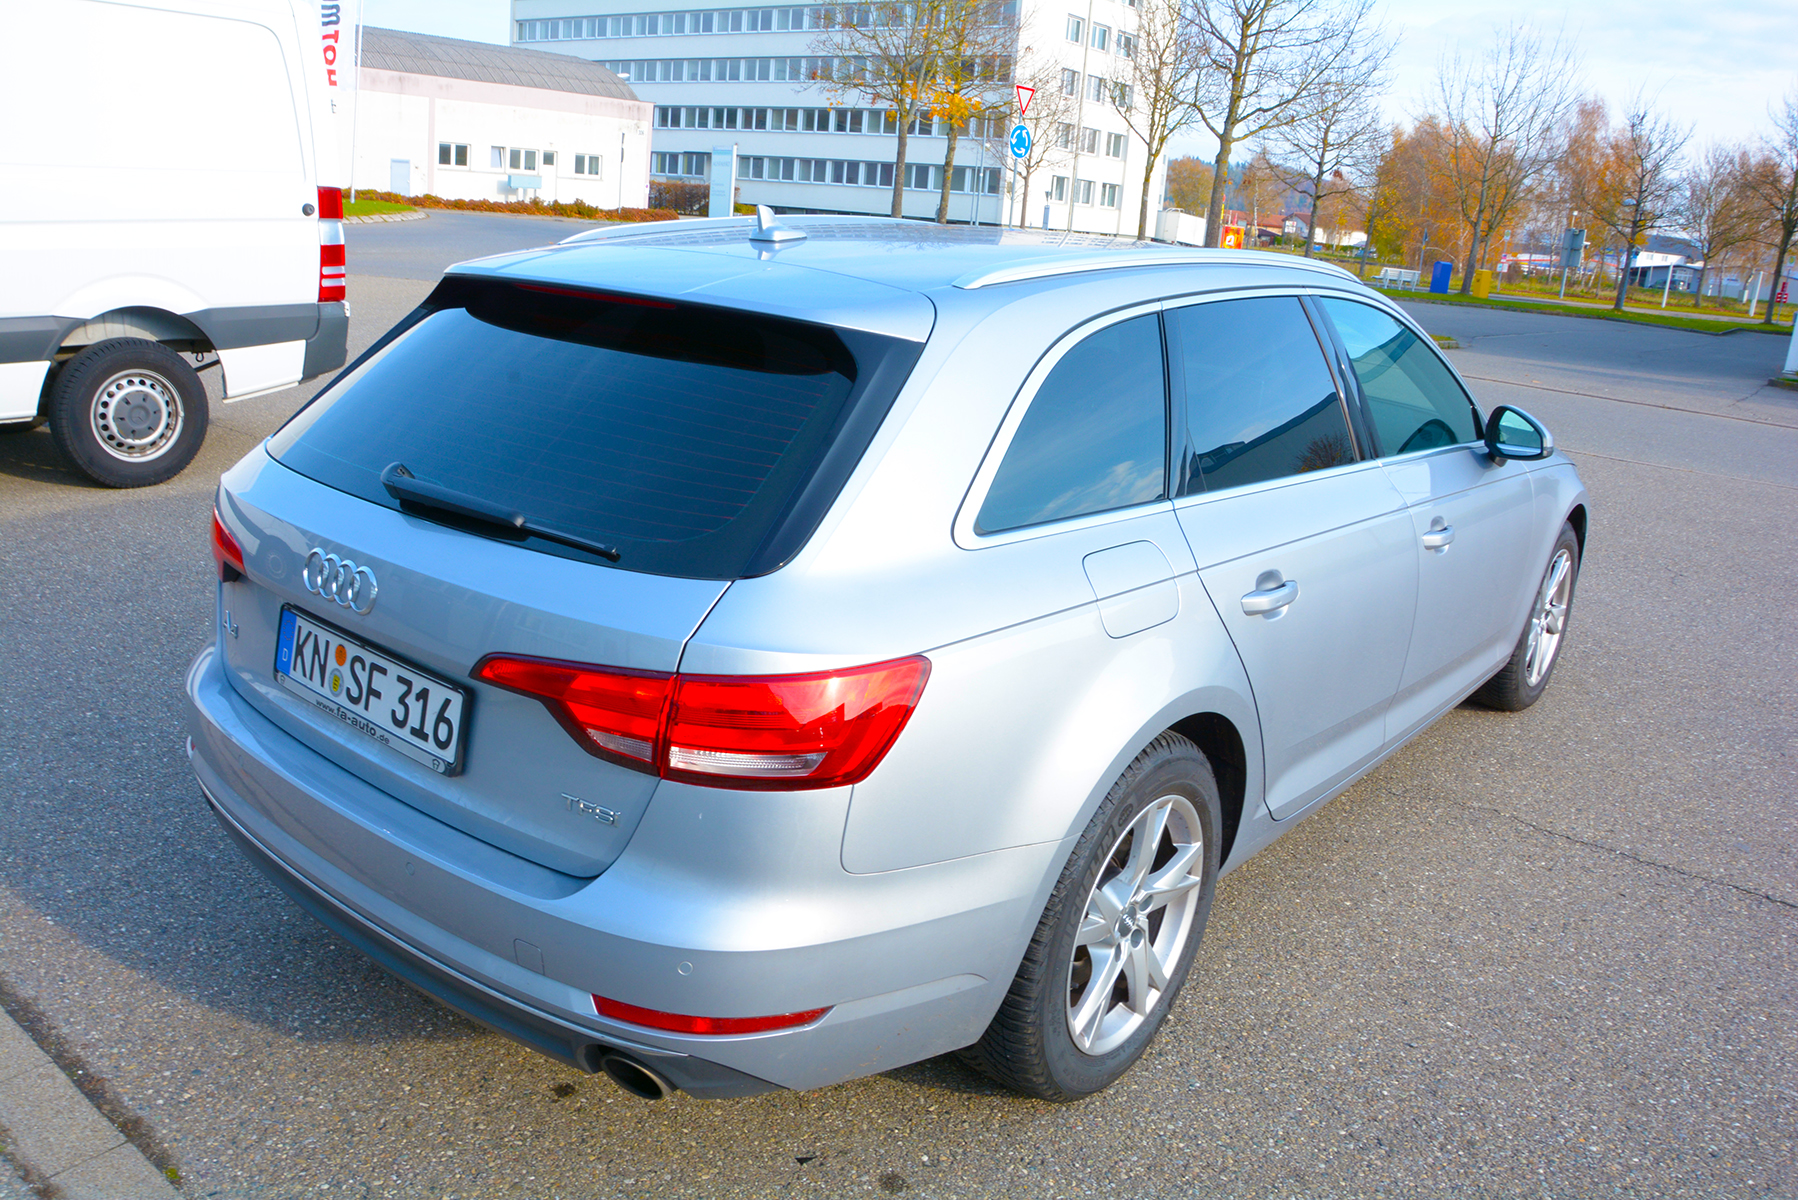 Autoscheiben tönen 15 Audi A4 2016